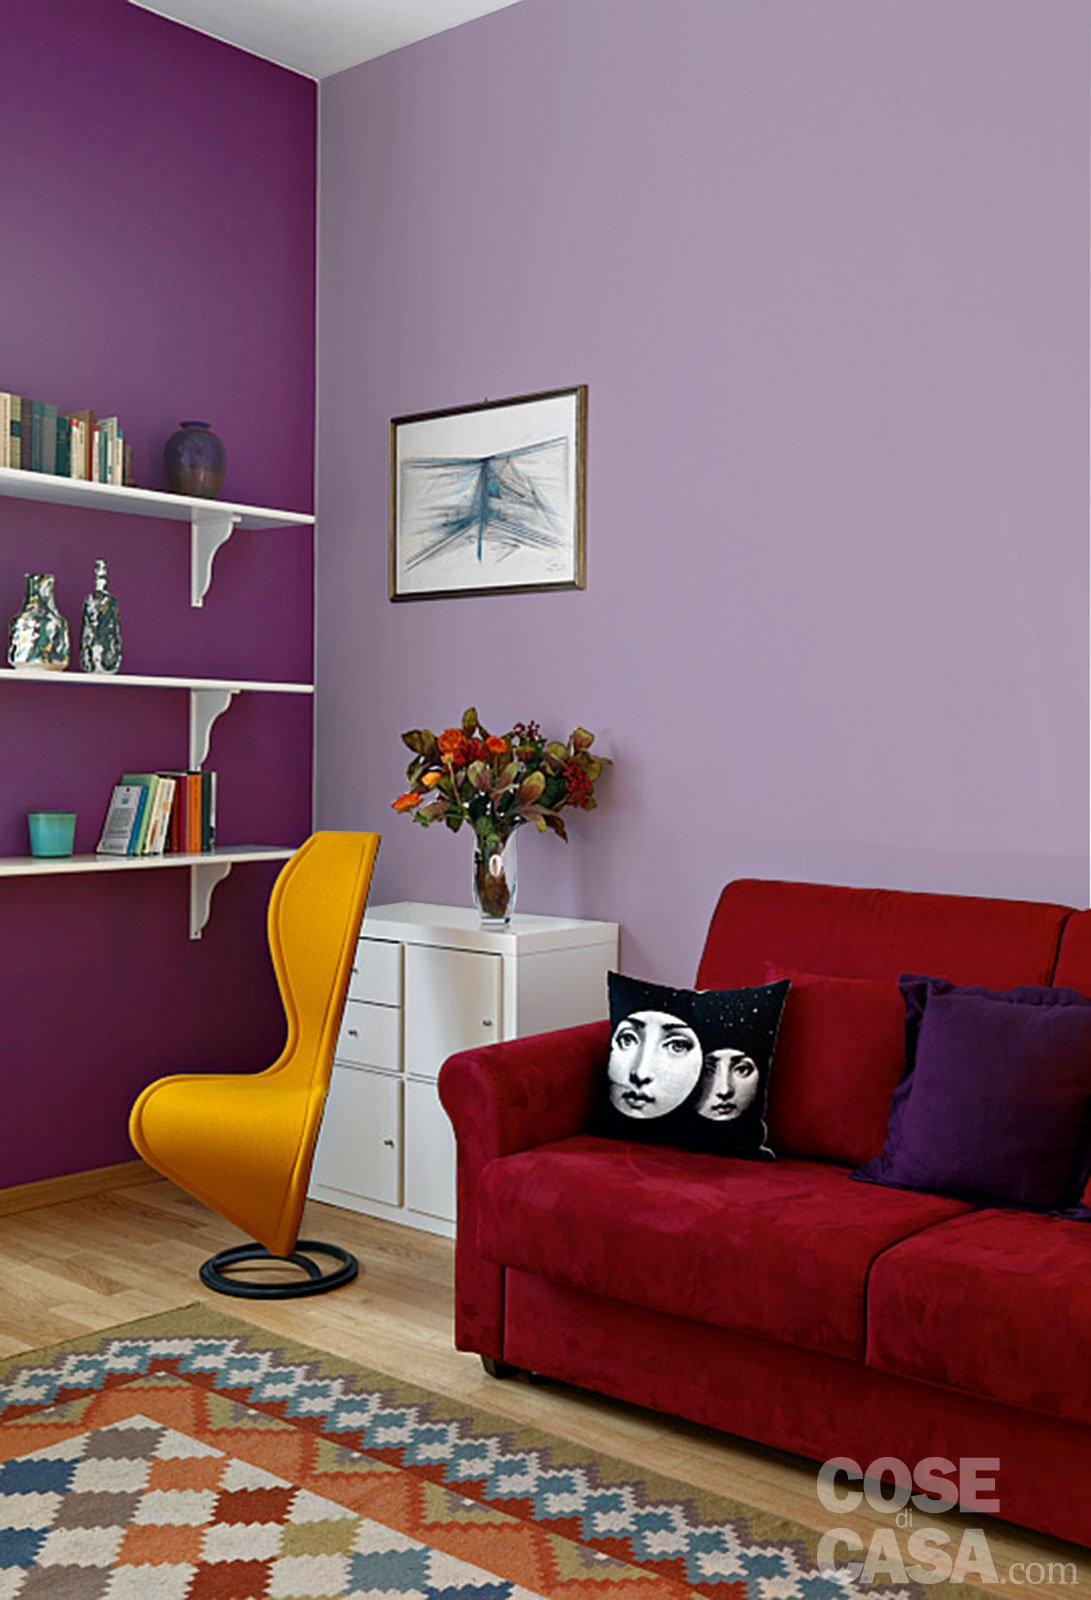 Pitturare le pareti: i trucchi che ingannano l'occhio - Cose di Casa